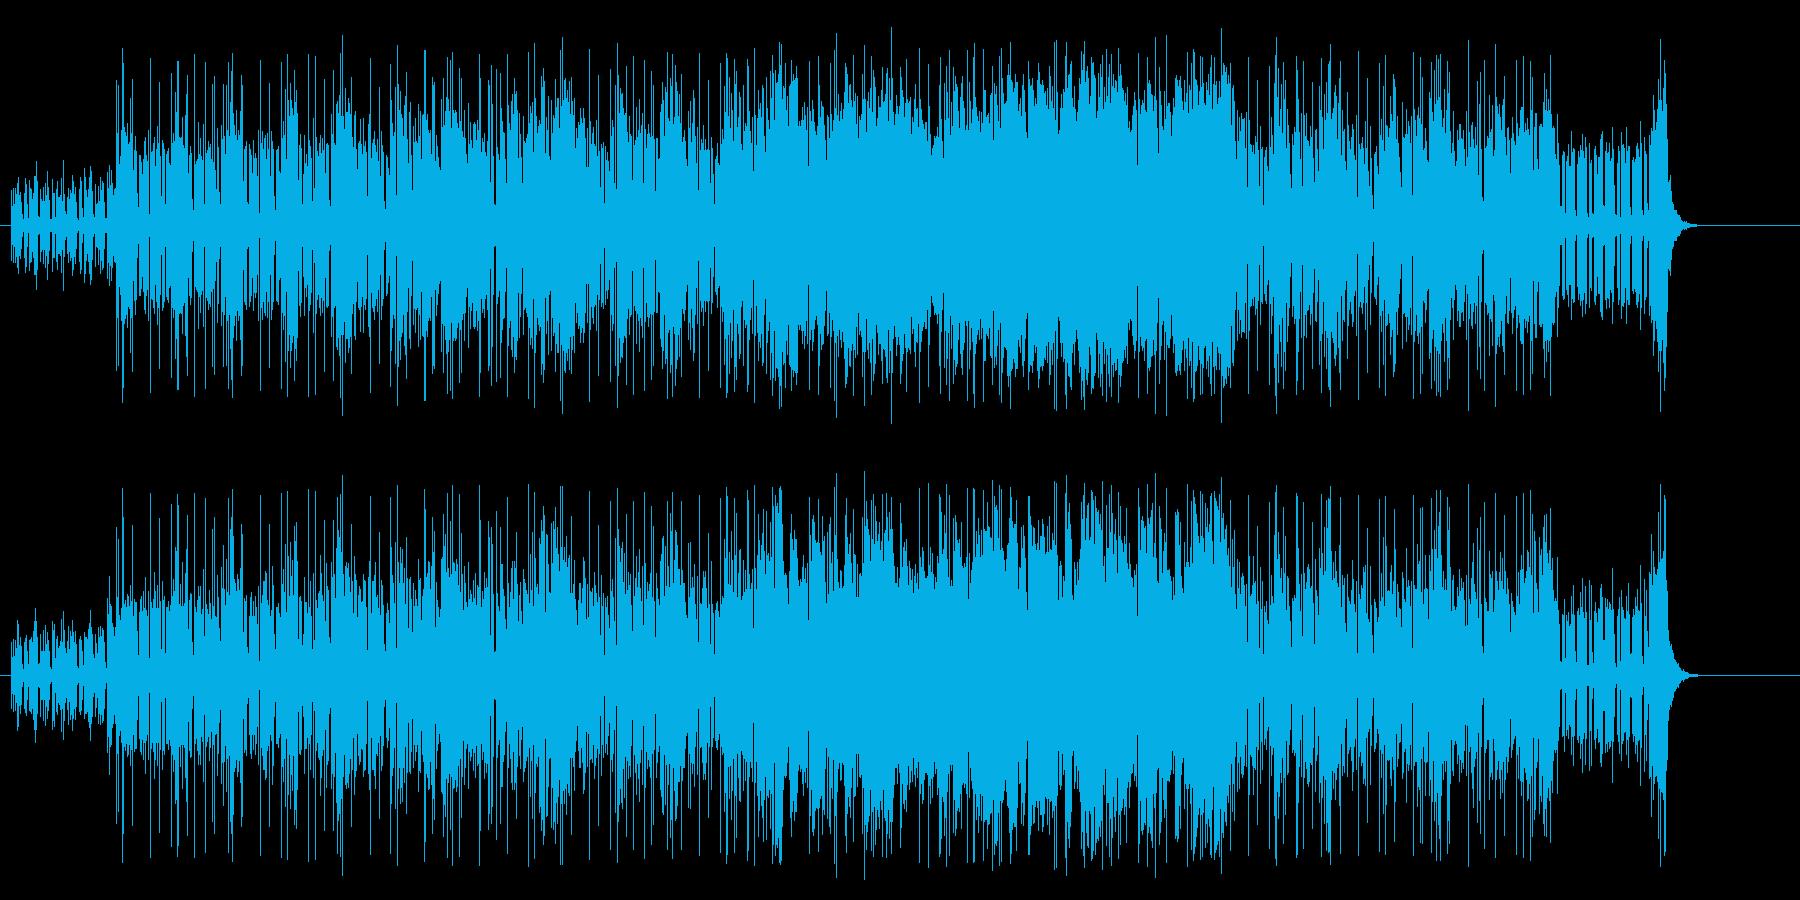 緊迫感漂うエレクトリック/フュージョンの再生済みの波形